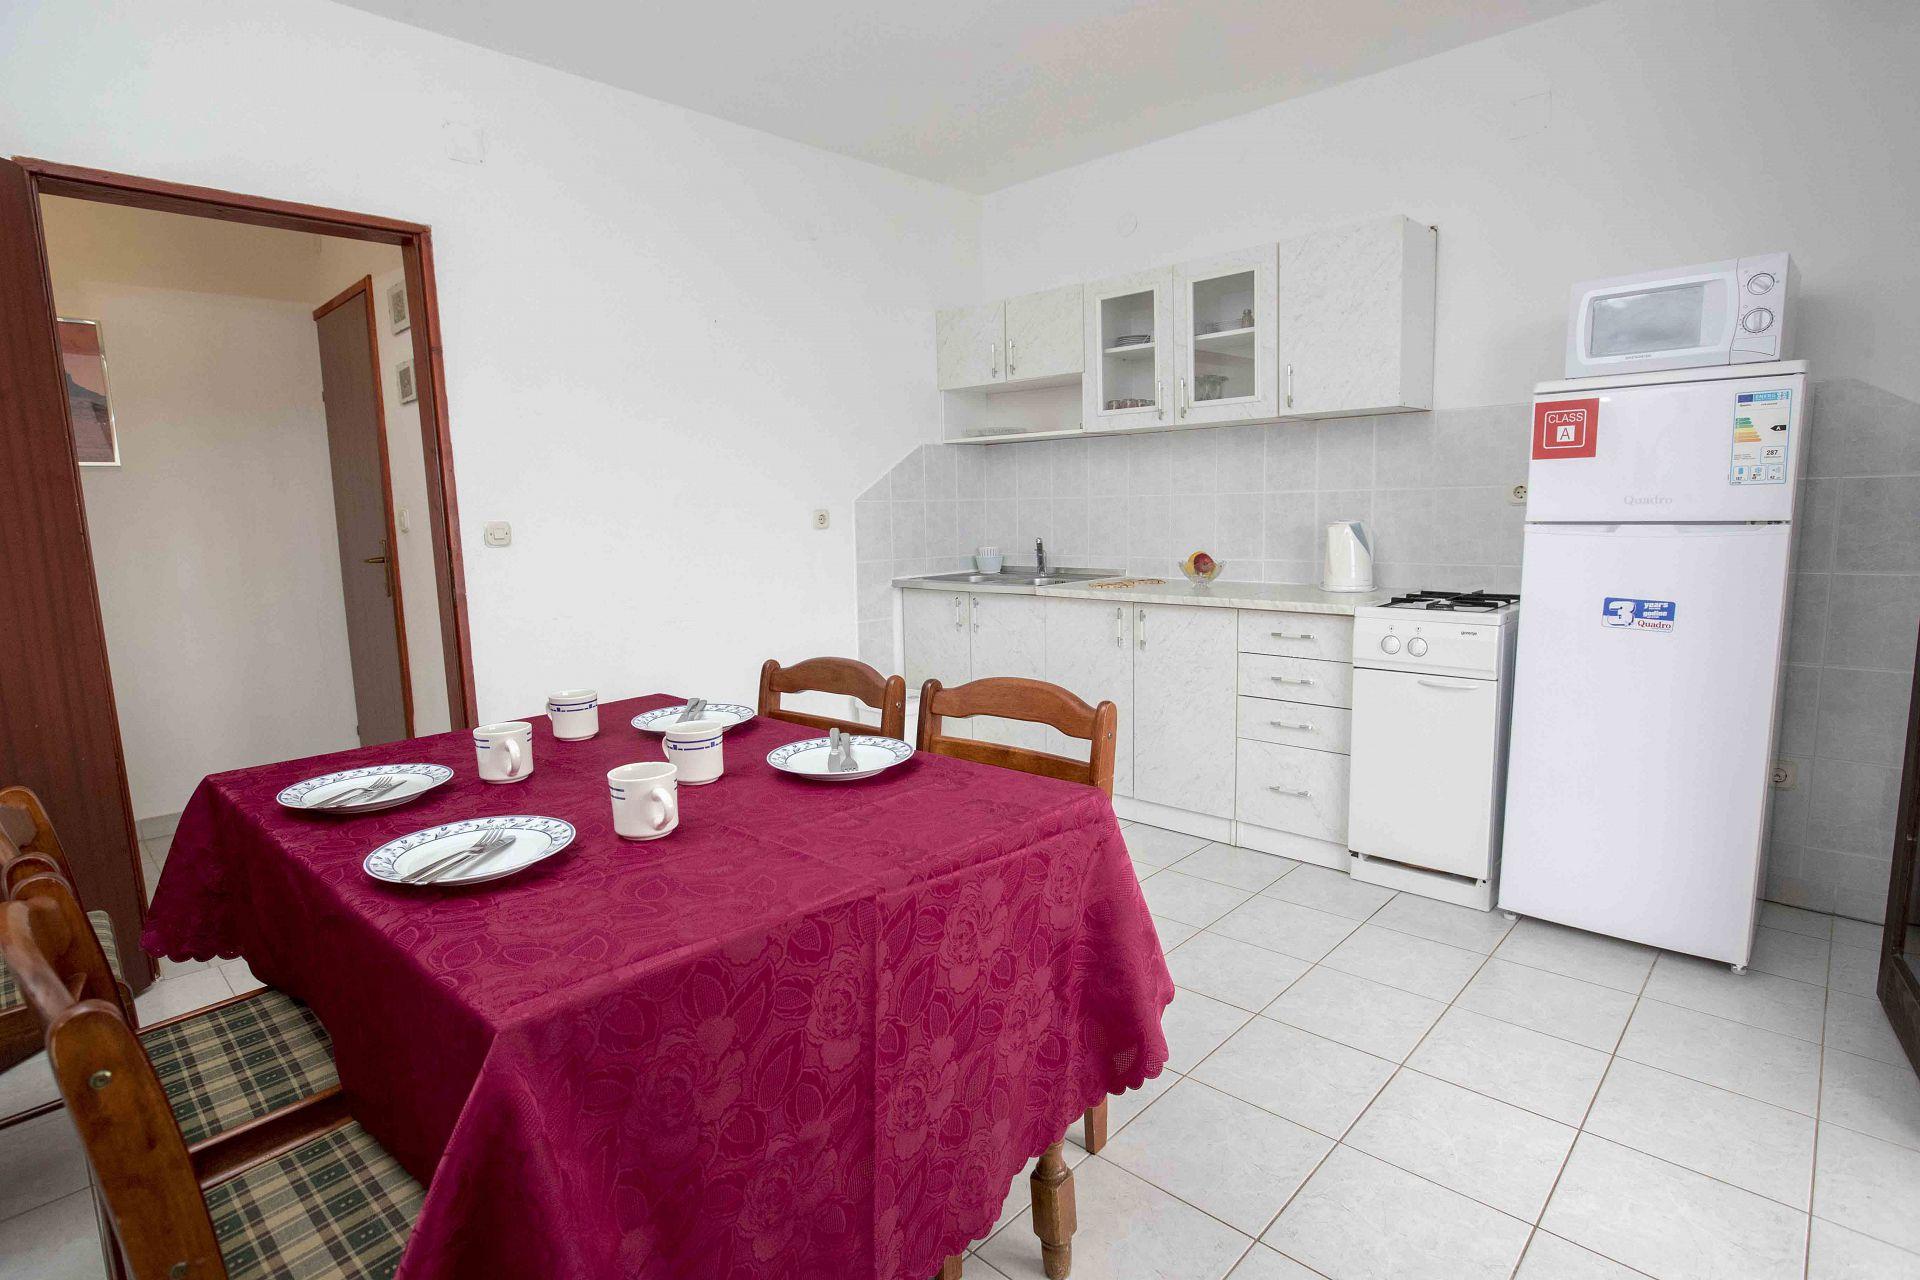 00603ZAVA - Zavala - Appartementen Kroatië - Tonia(4+1): keuken en eetkamer